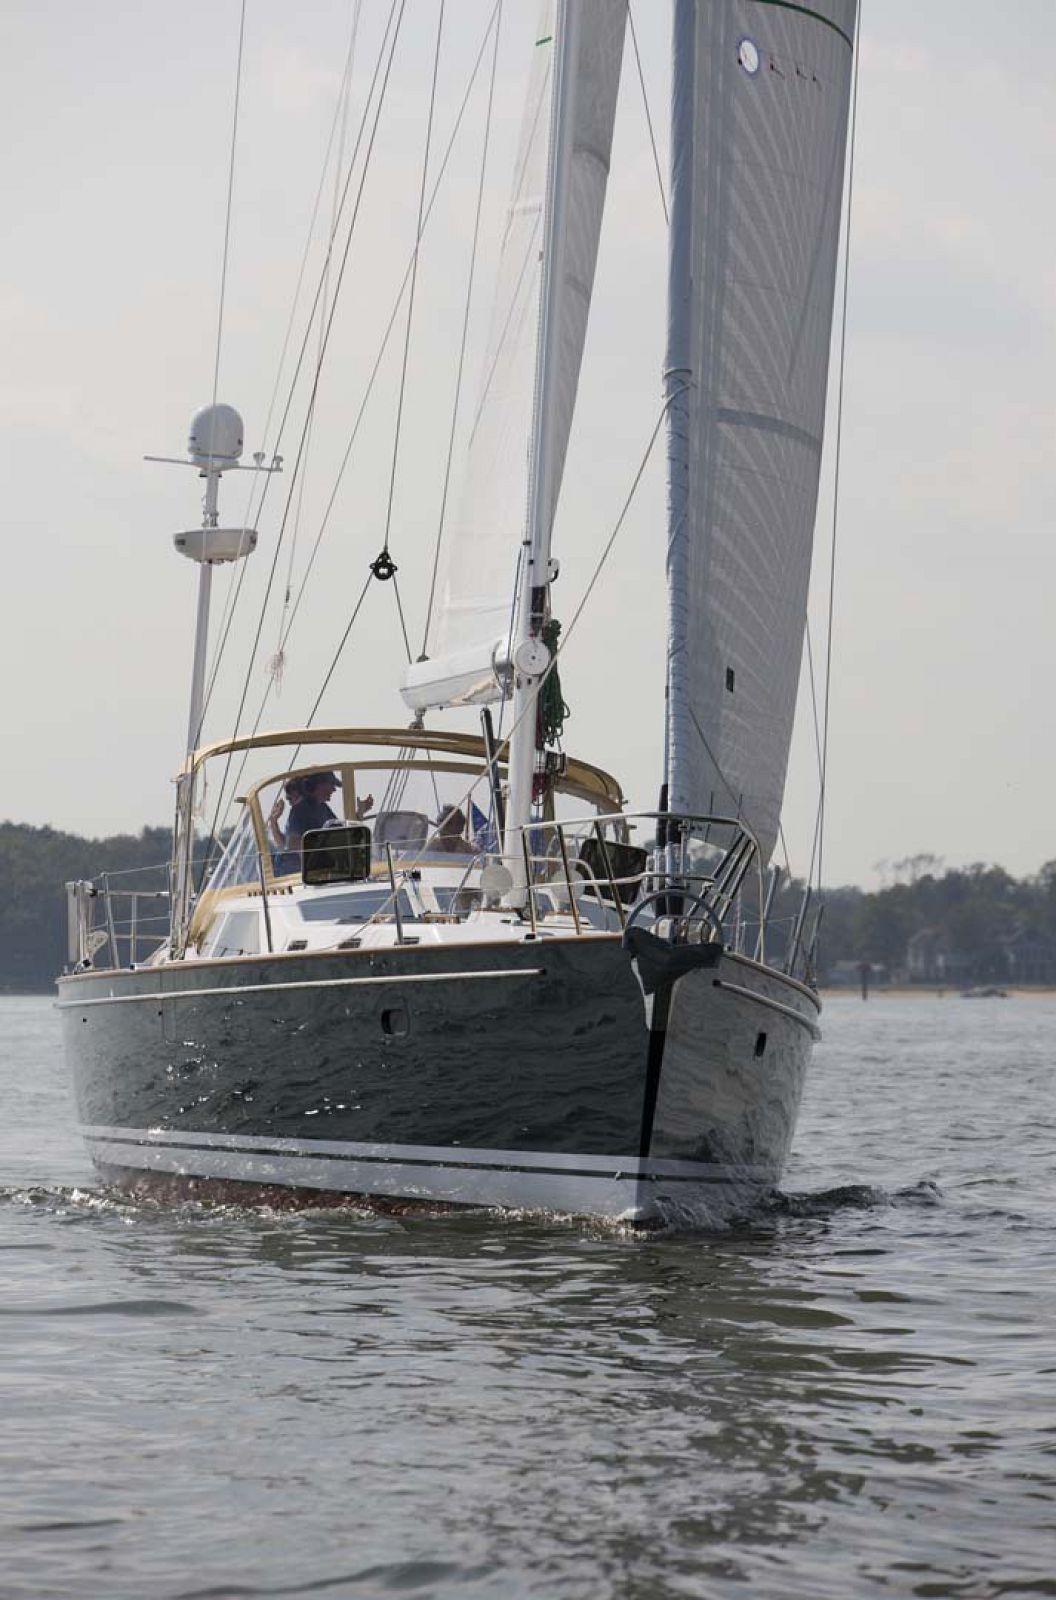 Tartan-Yachts-5300-Sailboat-Sailing